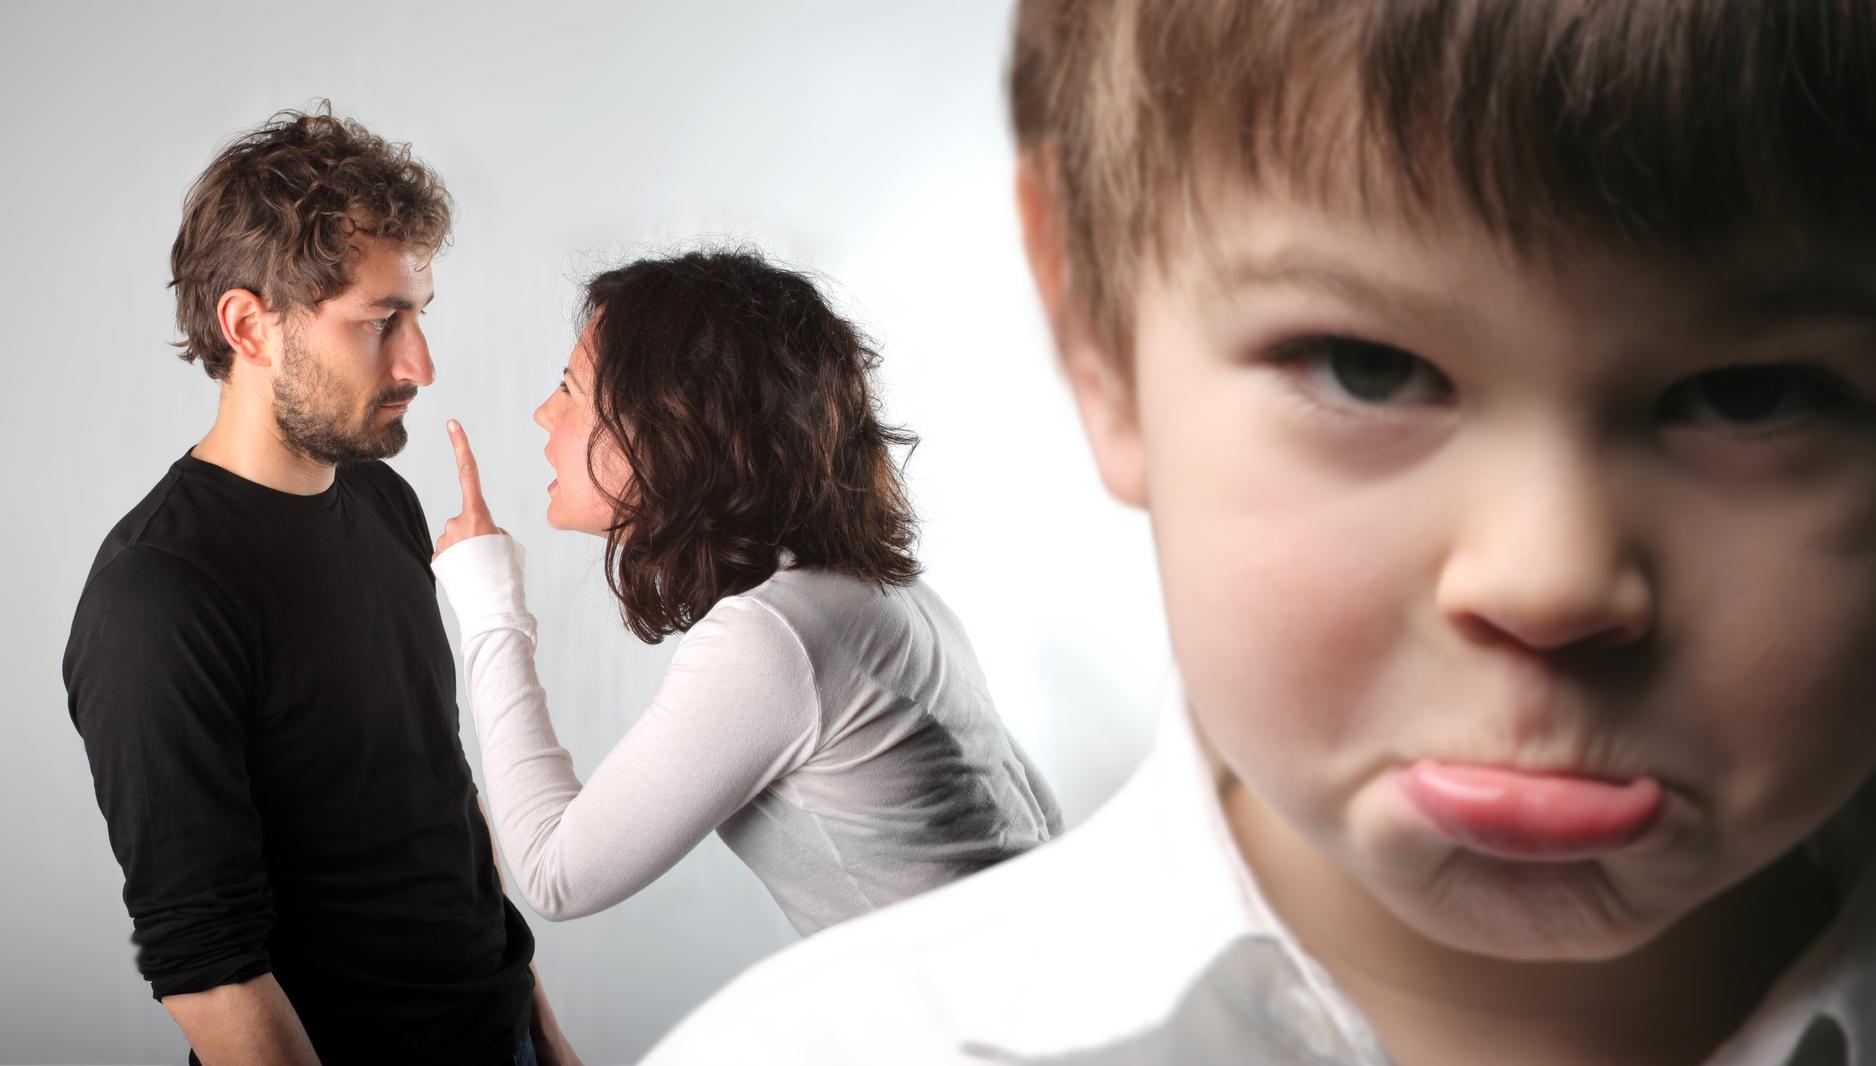 сон не хочу чтобы ребенок общался со свекровью после развода того, здесь